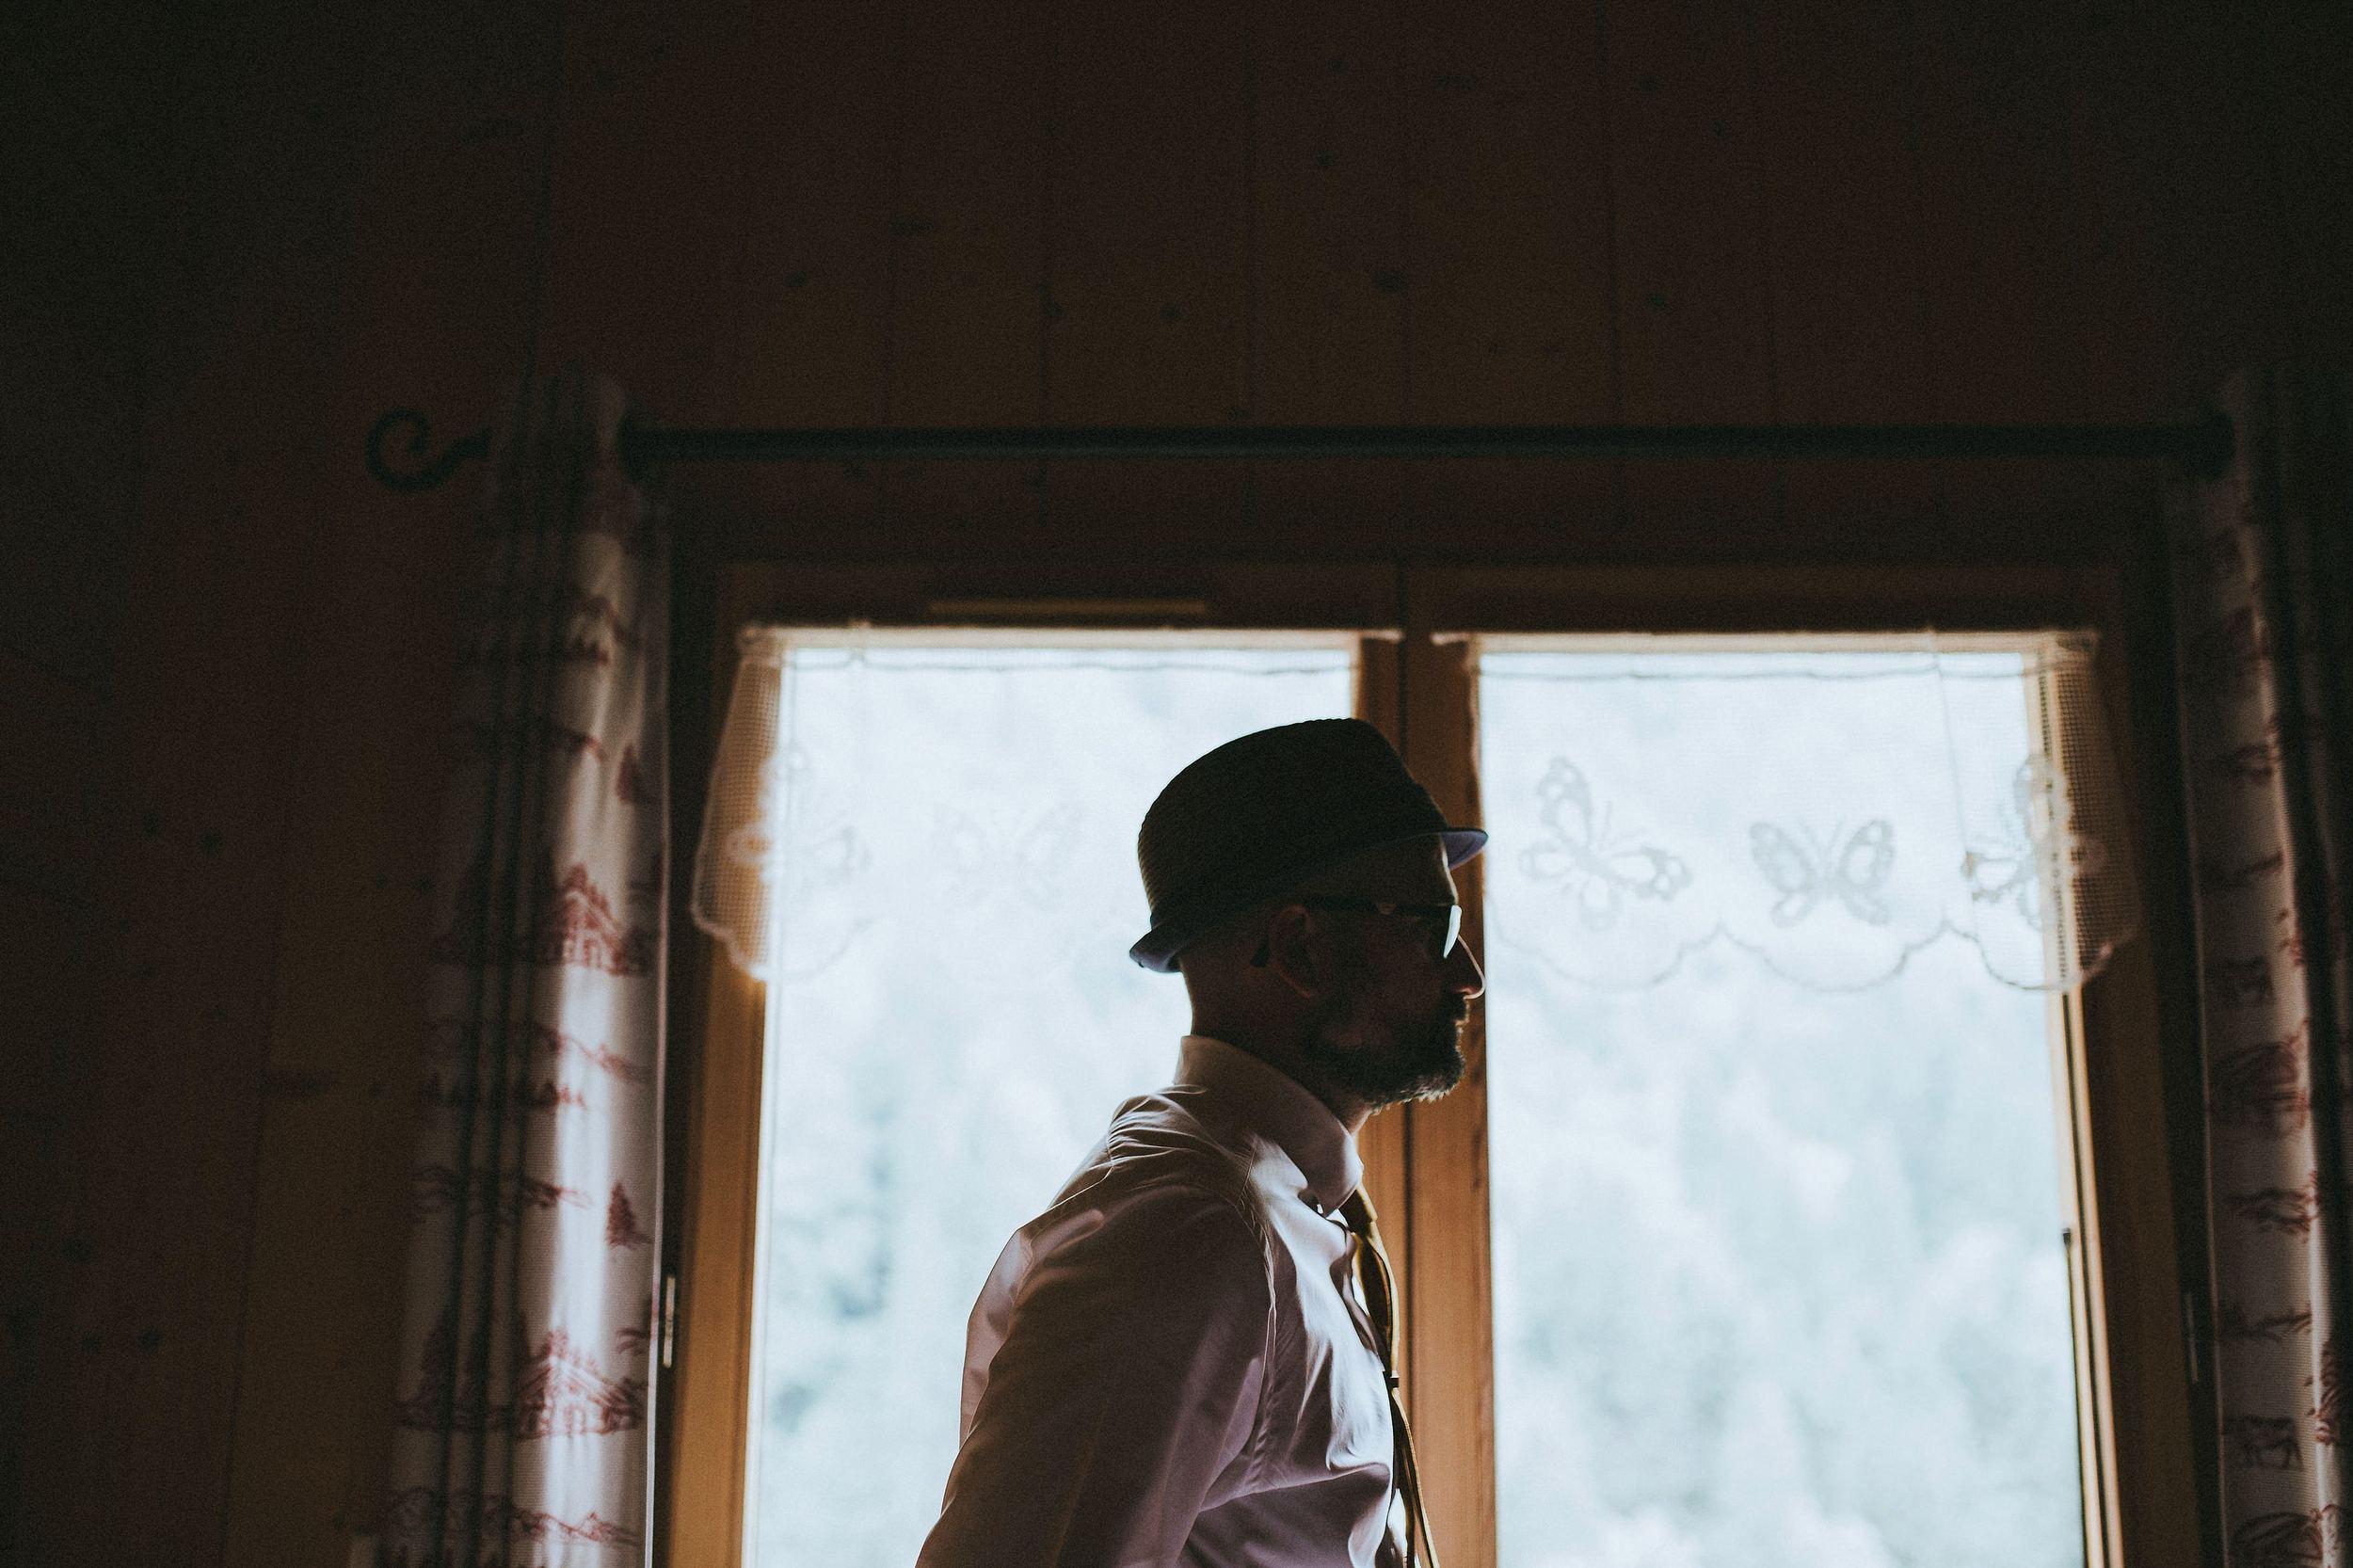 mariage-suisse-haute-savoie-domaine-baron-steven-bassillieaux-bordeaux-dordogne-wedding-photographe-44.jpg